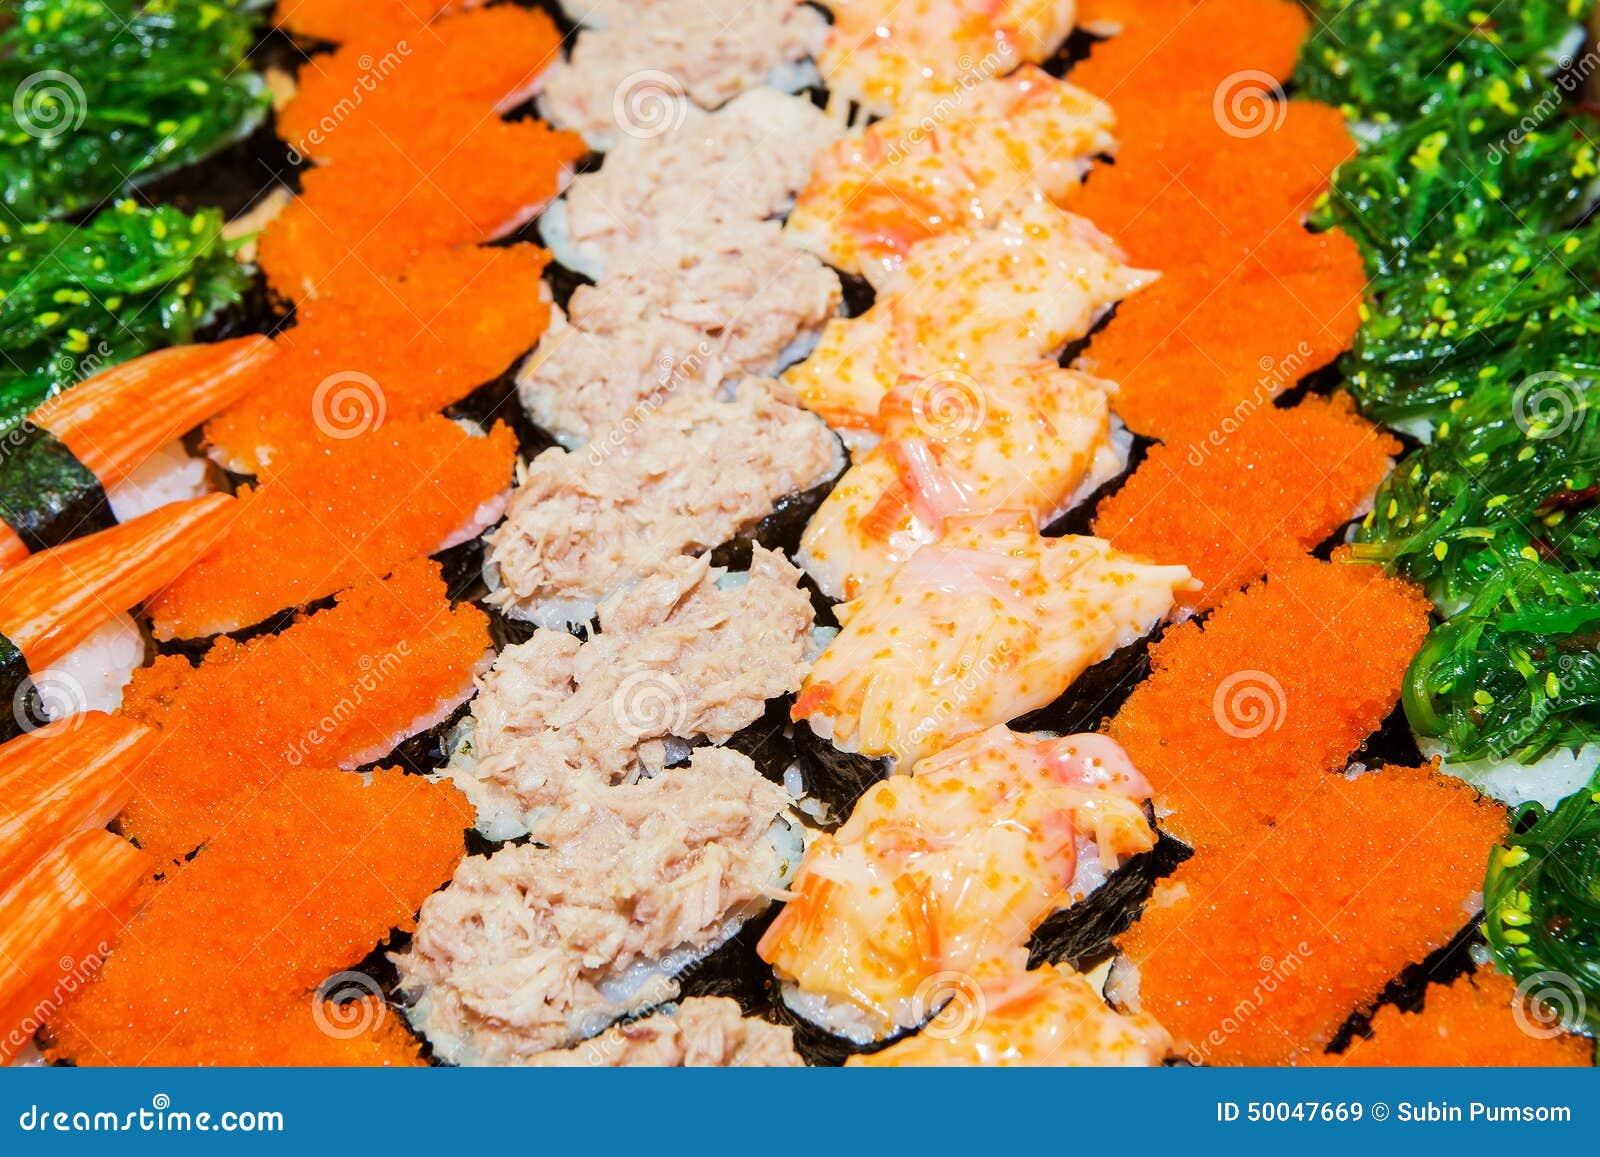 Japanese food palatable.